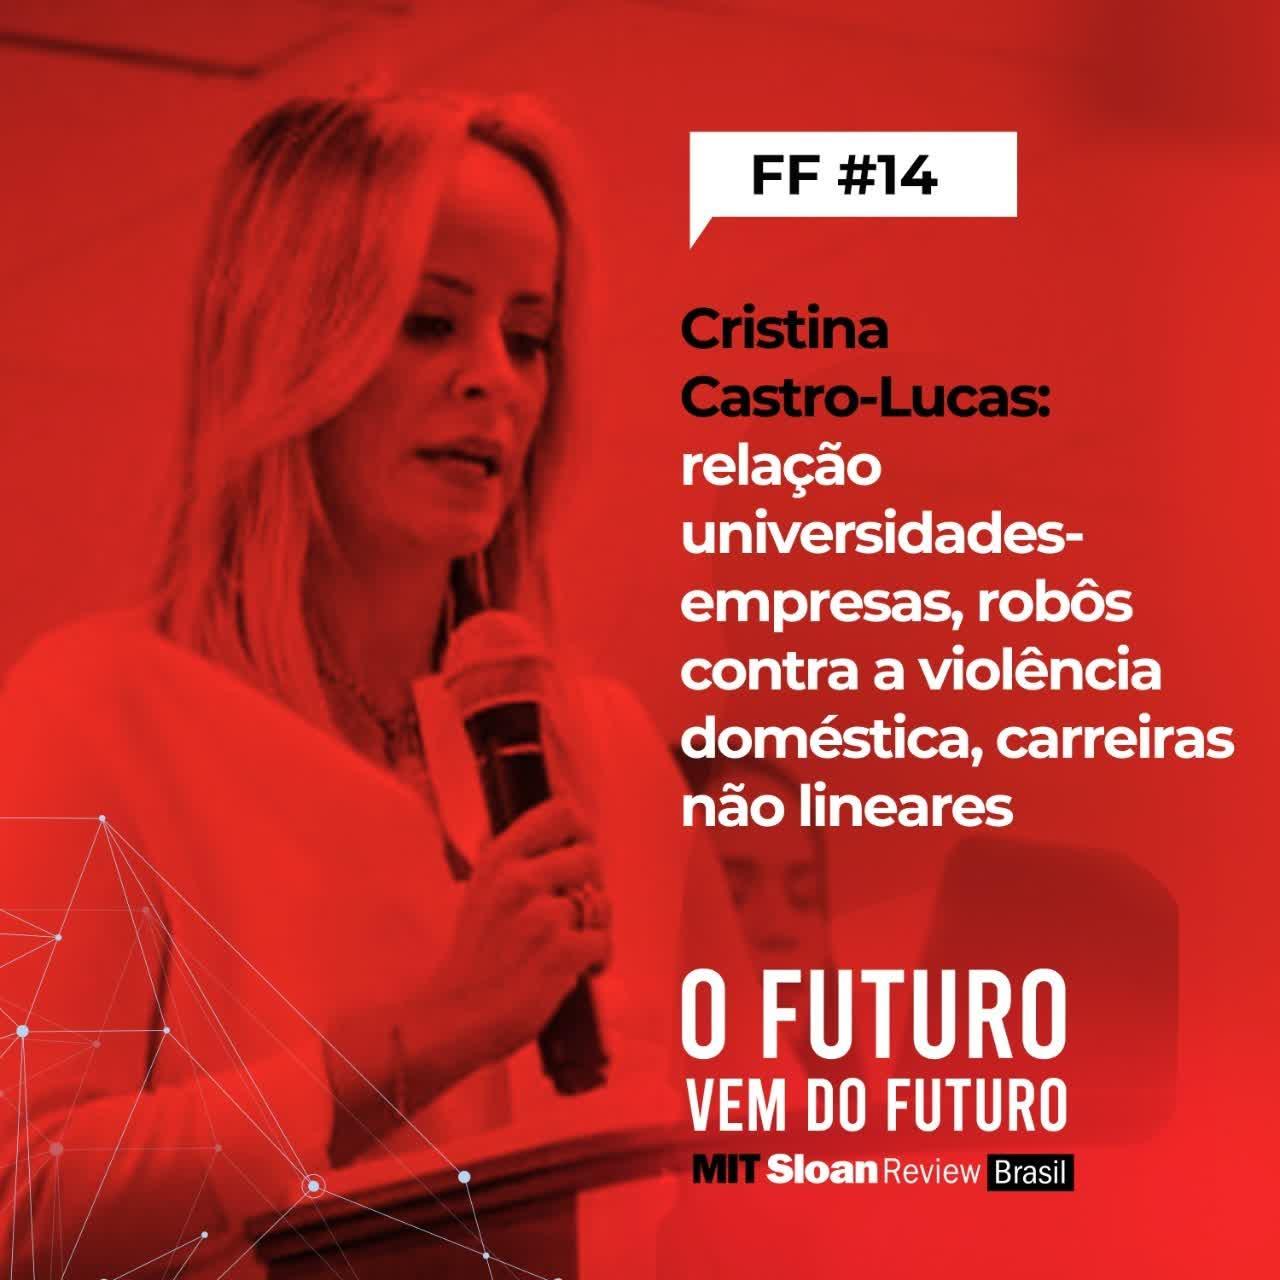 #14 - Cristina Castro-Lucas: Relação universidades-empresas, robôs contra a violência doméstica, carreiras não lineares